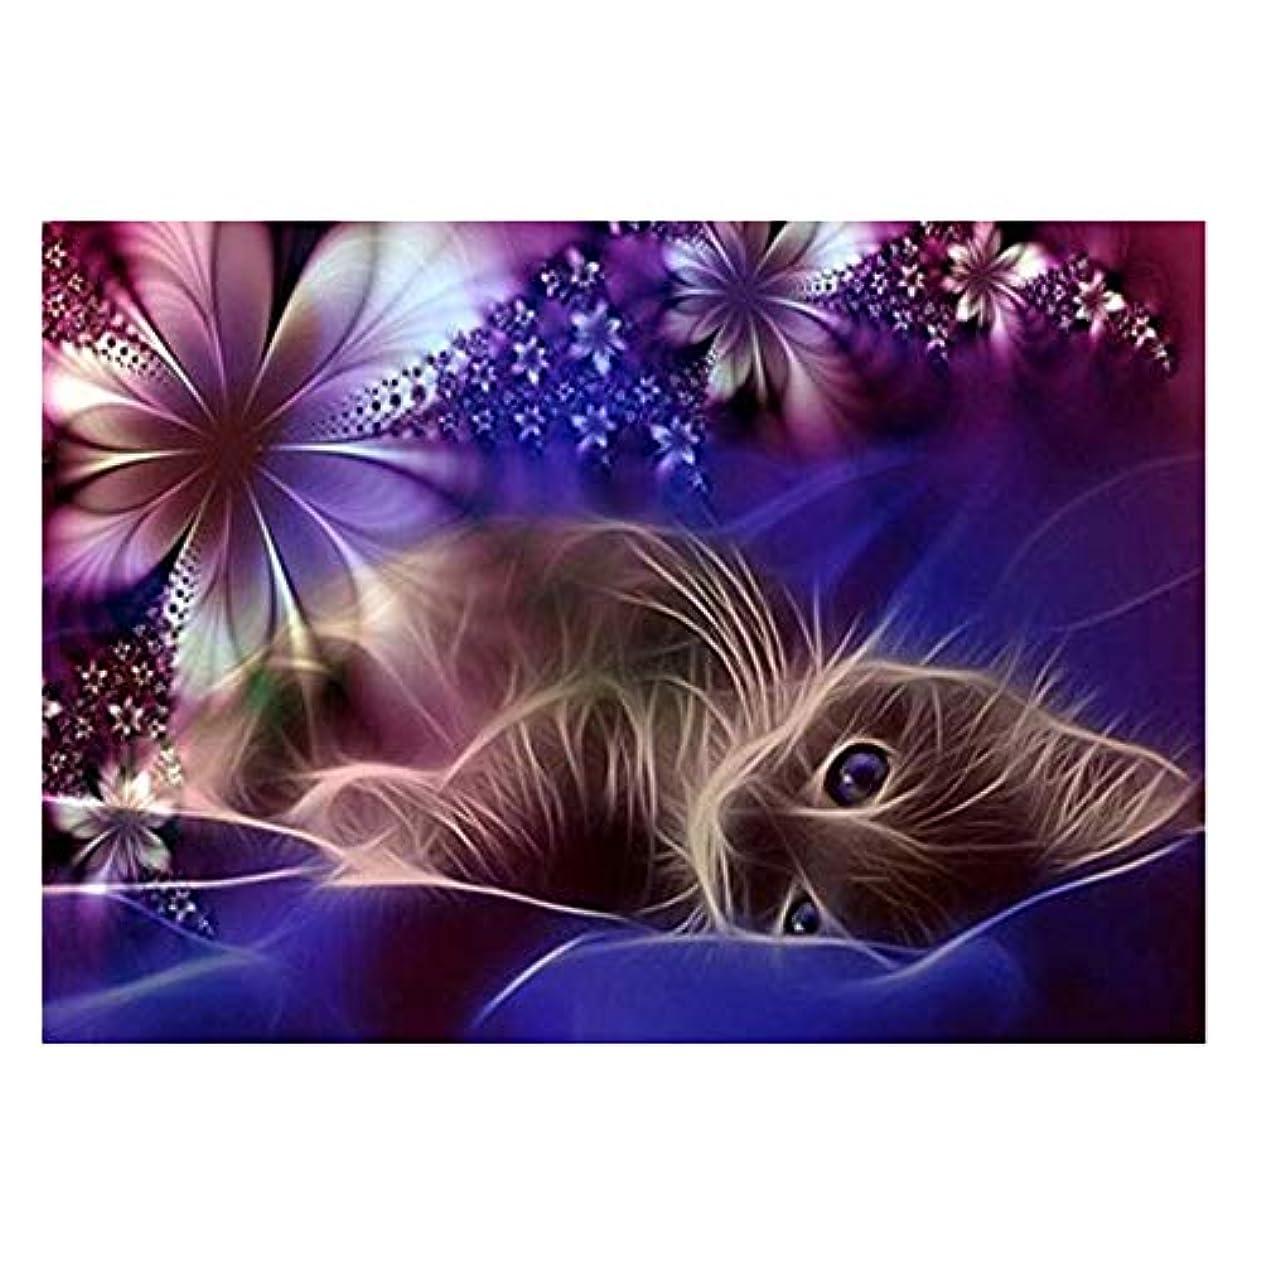 厚さゴネリル沼地5D 手作りダイヤモンド絵画?30×40cmかわいい猫5Dダイヤモンドペインティングるまインテリア プレゼント ホーム レストラン 壁掛け 装飾 (マルチカラー)